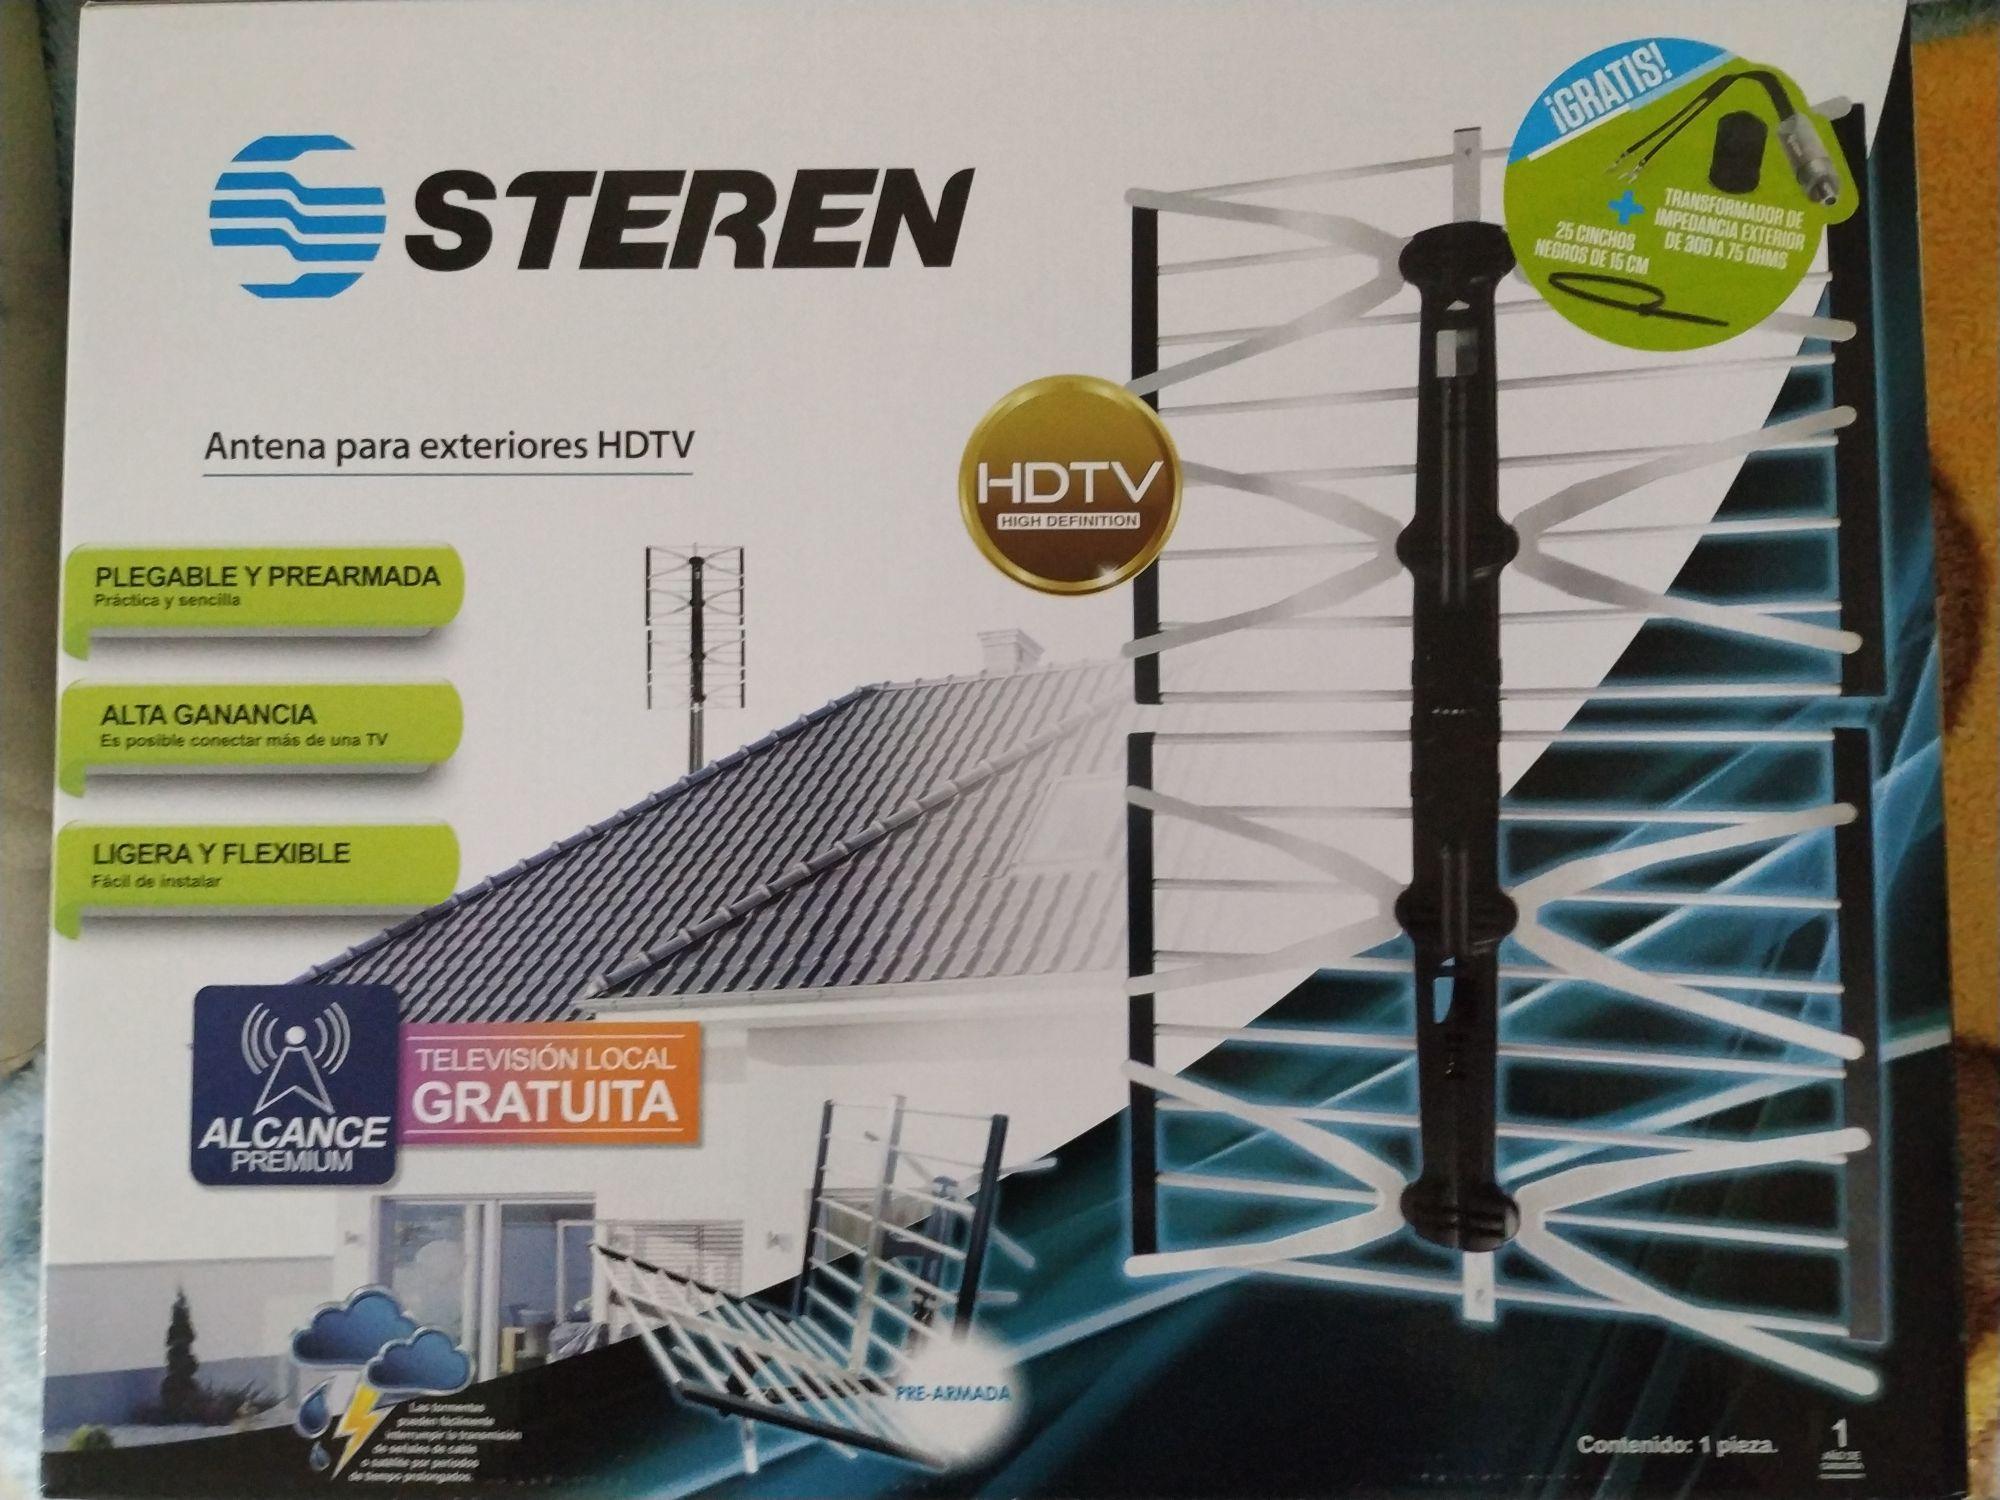 Chedraui en línea: Antena HDTV Steren XTREME para exteriores de $595 a $295